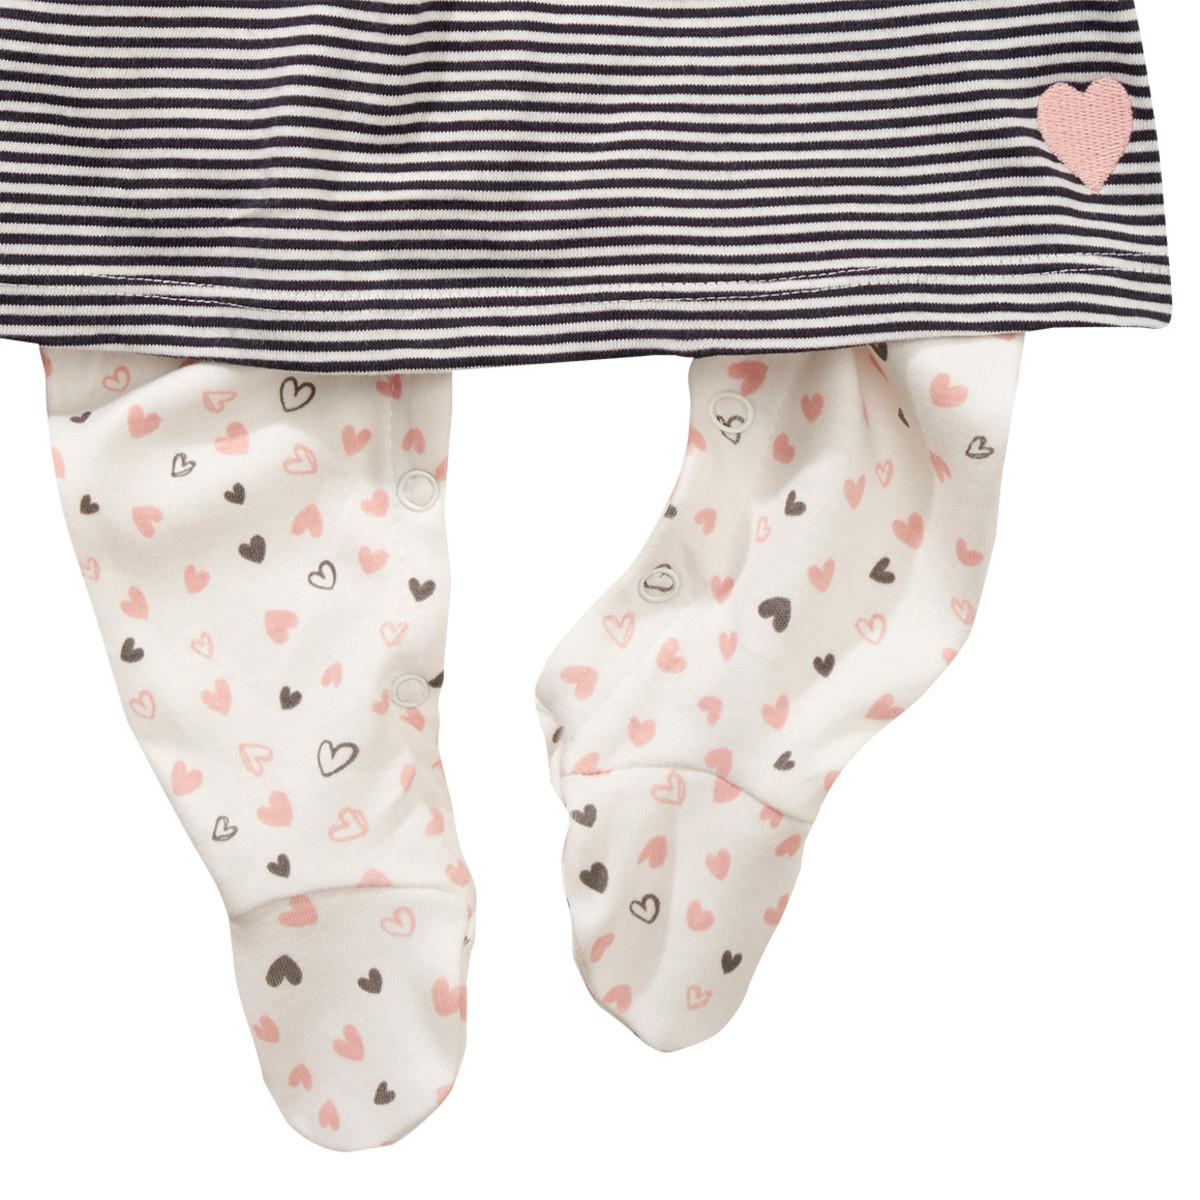 Bild 3 von Newborn Stramplerkleid mit Fuß